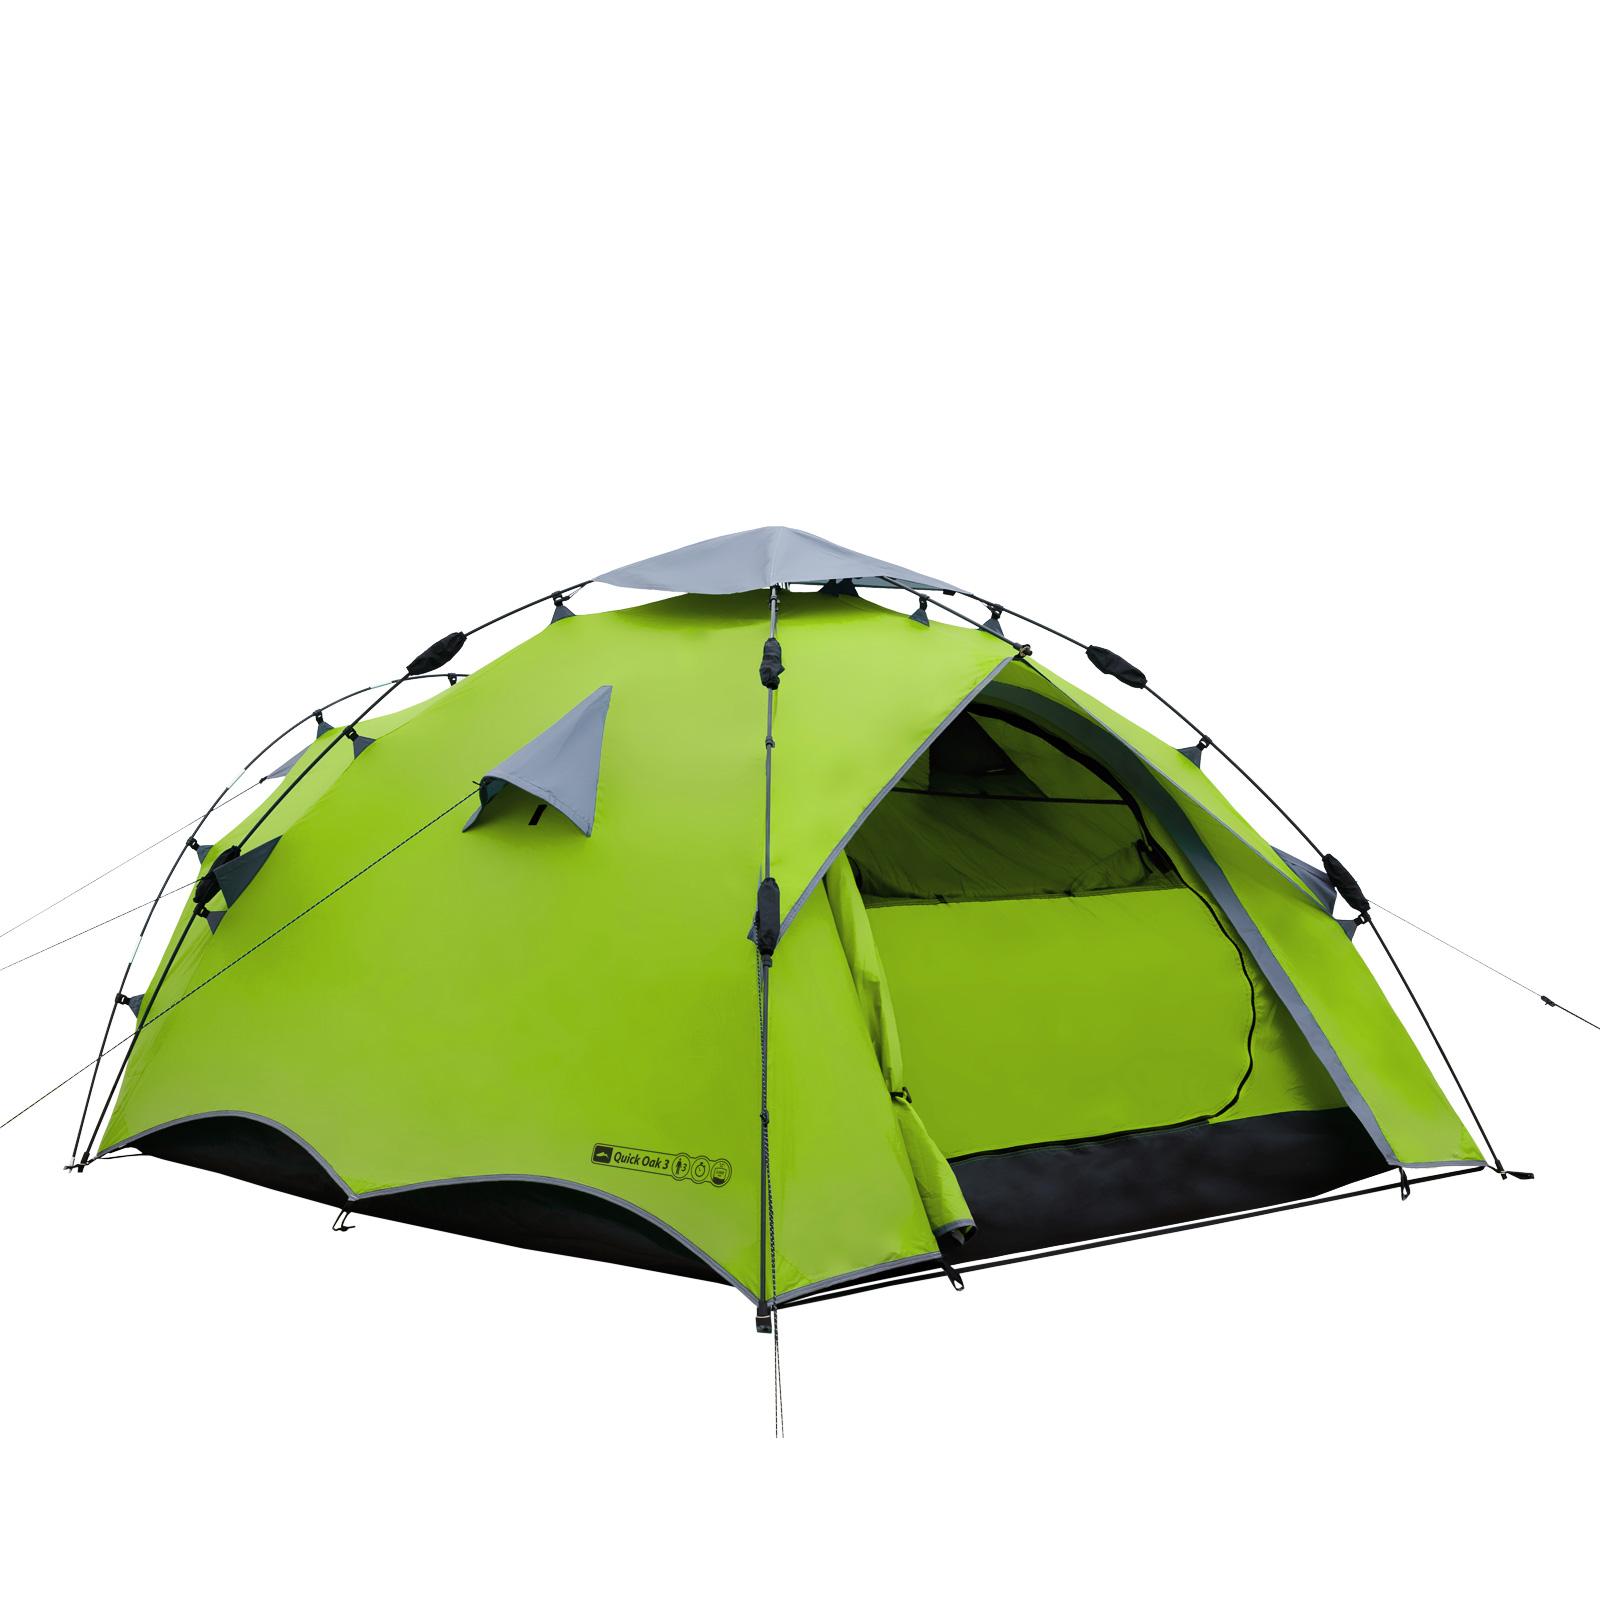 Qeedo Zelt 5 Personen : Campingzelt qeedo quick oak sekundenzelt personen zelt